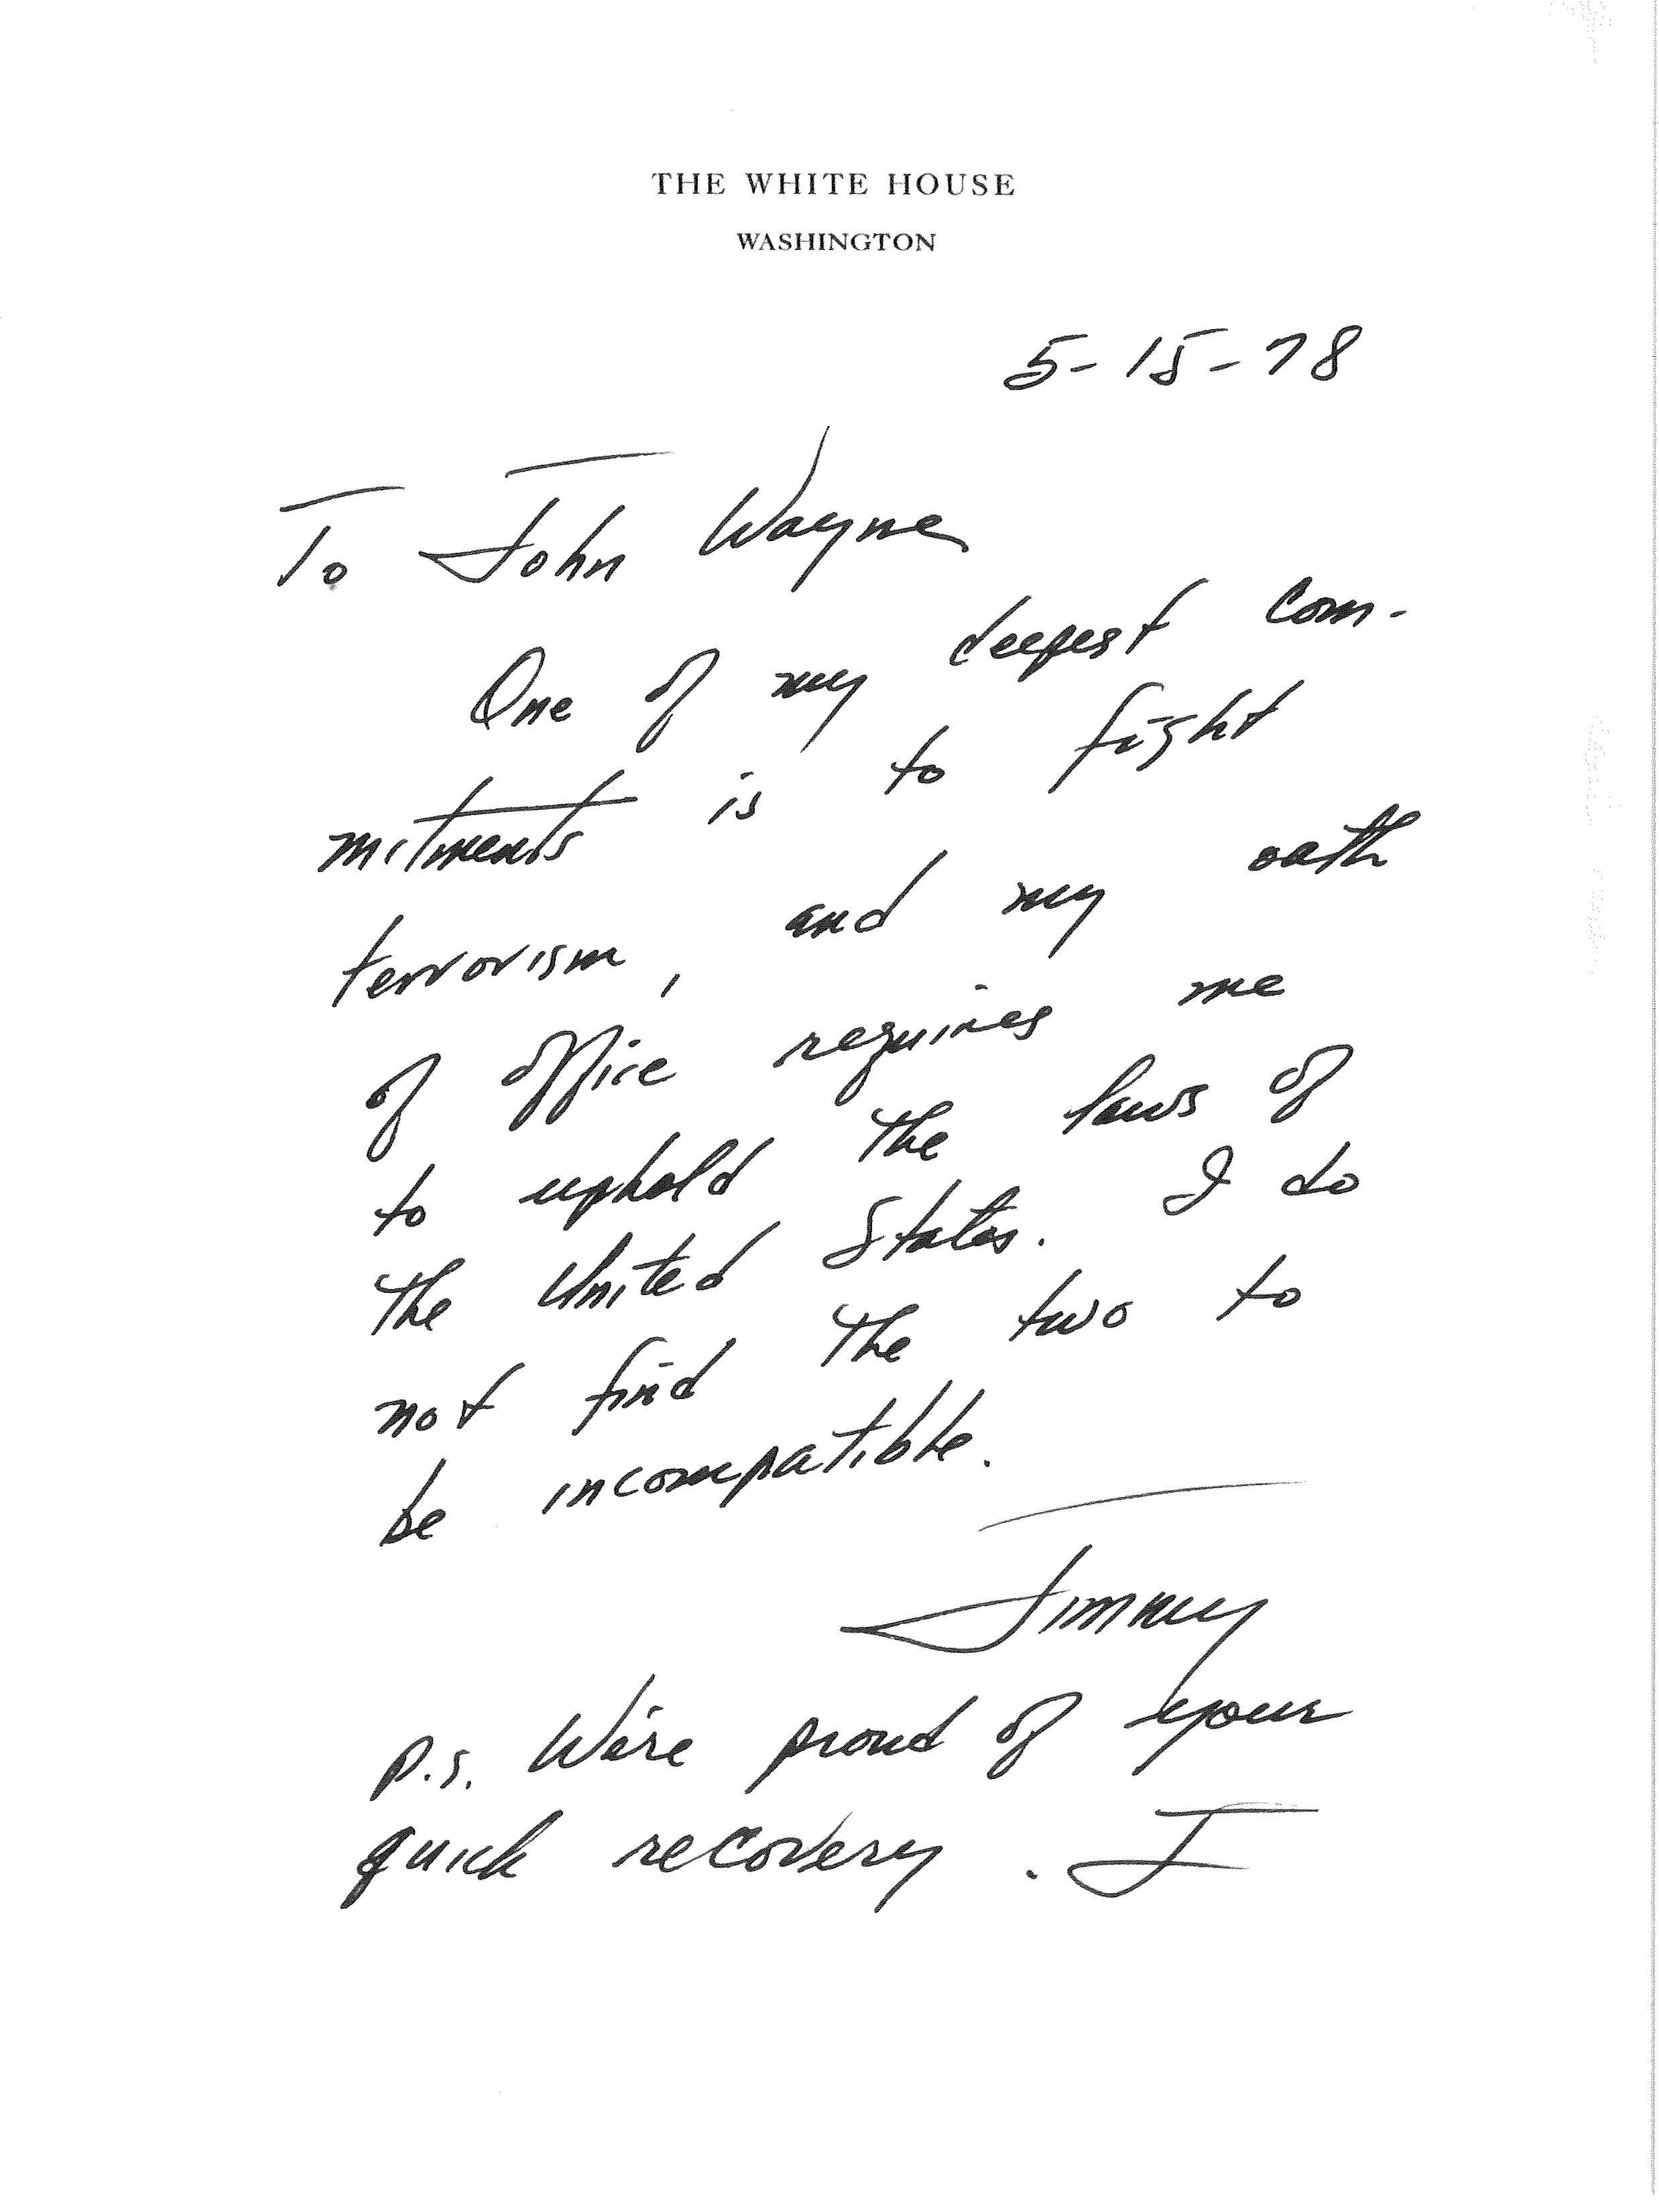 Archive.PresidentialCorrespondence_JC.jpg